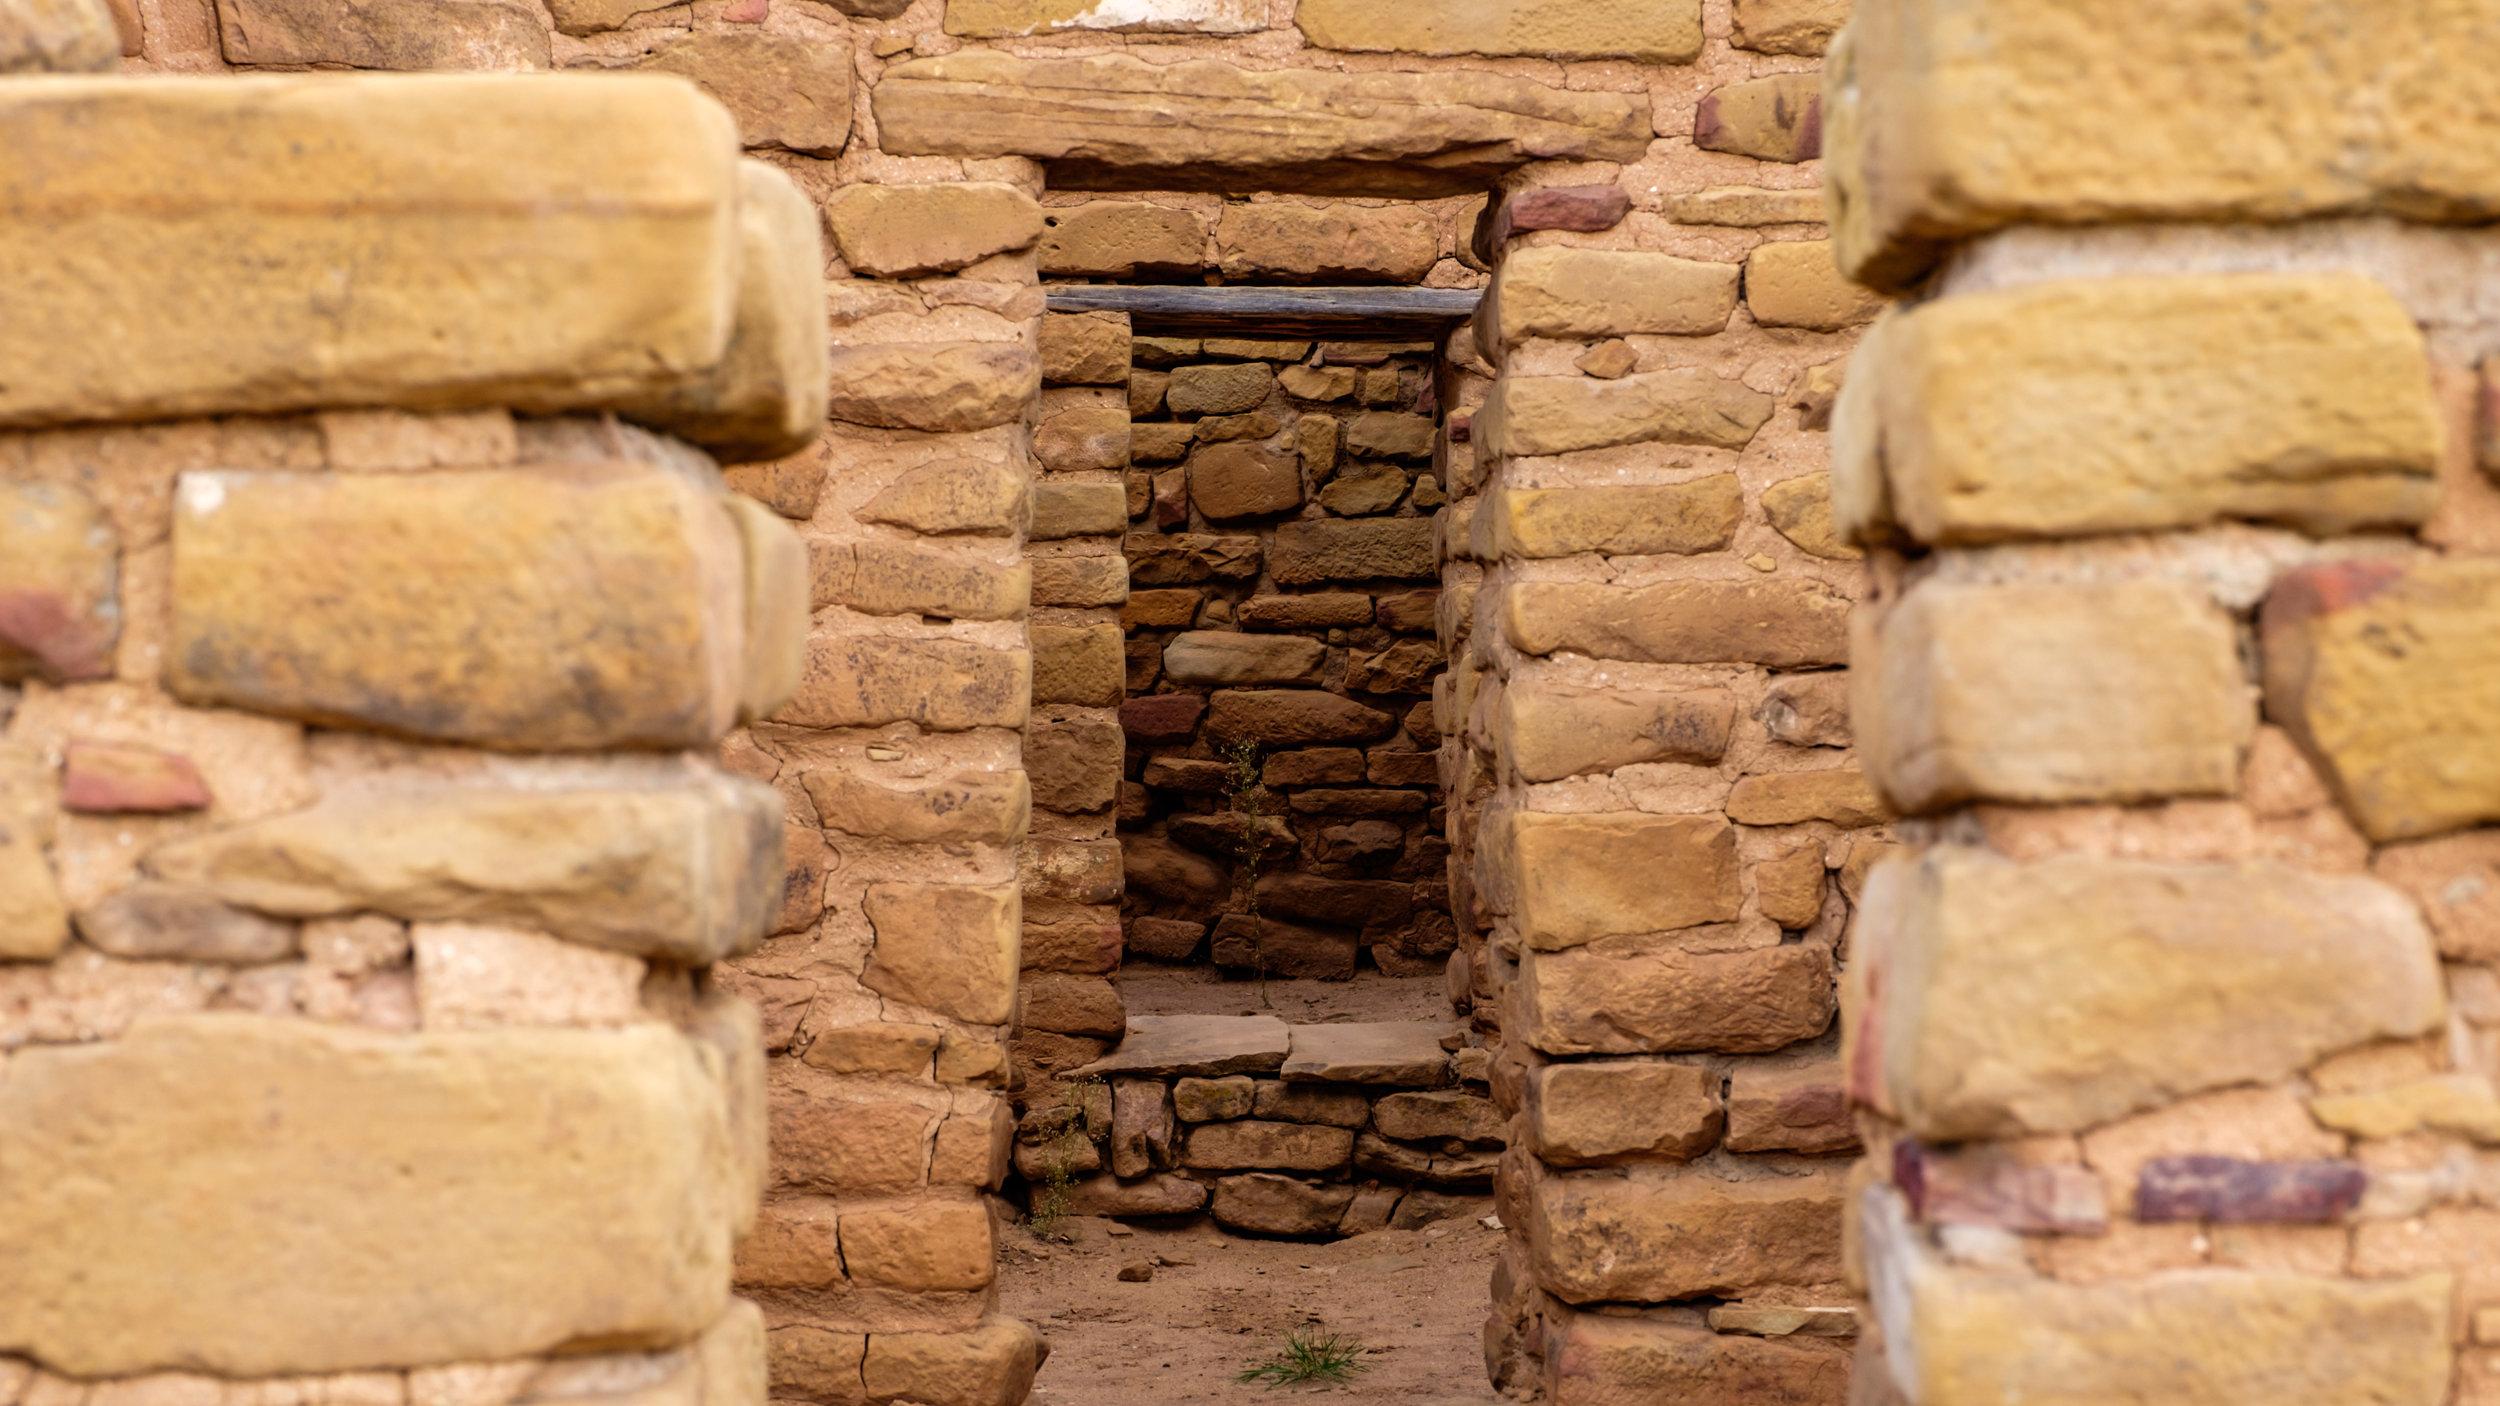 Windows at the Far View Sites along Chapin Mesa.